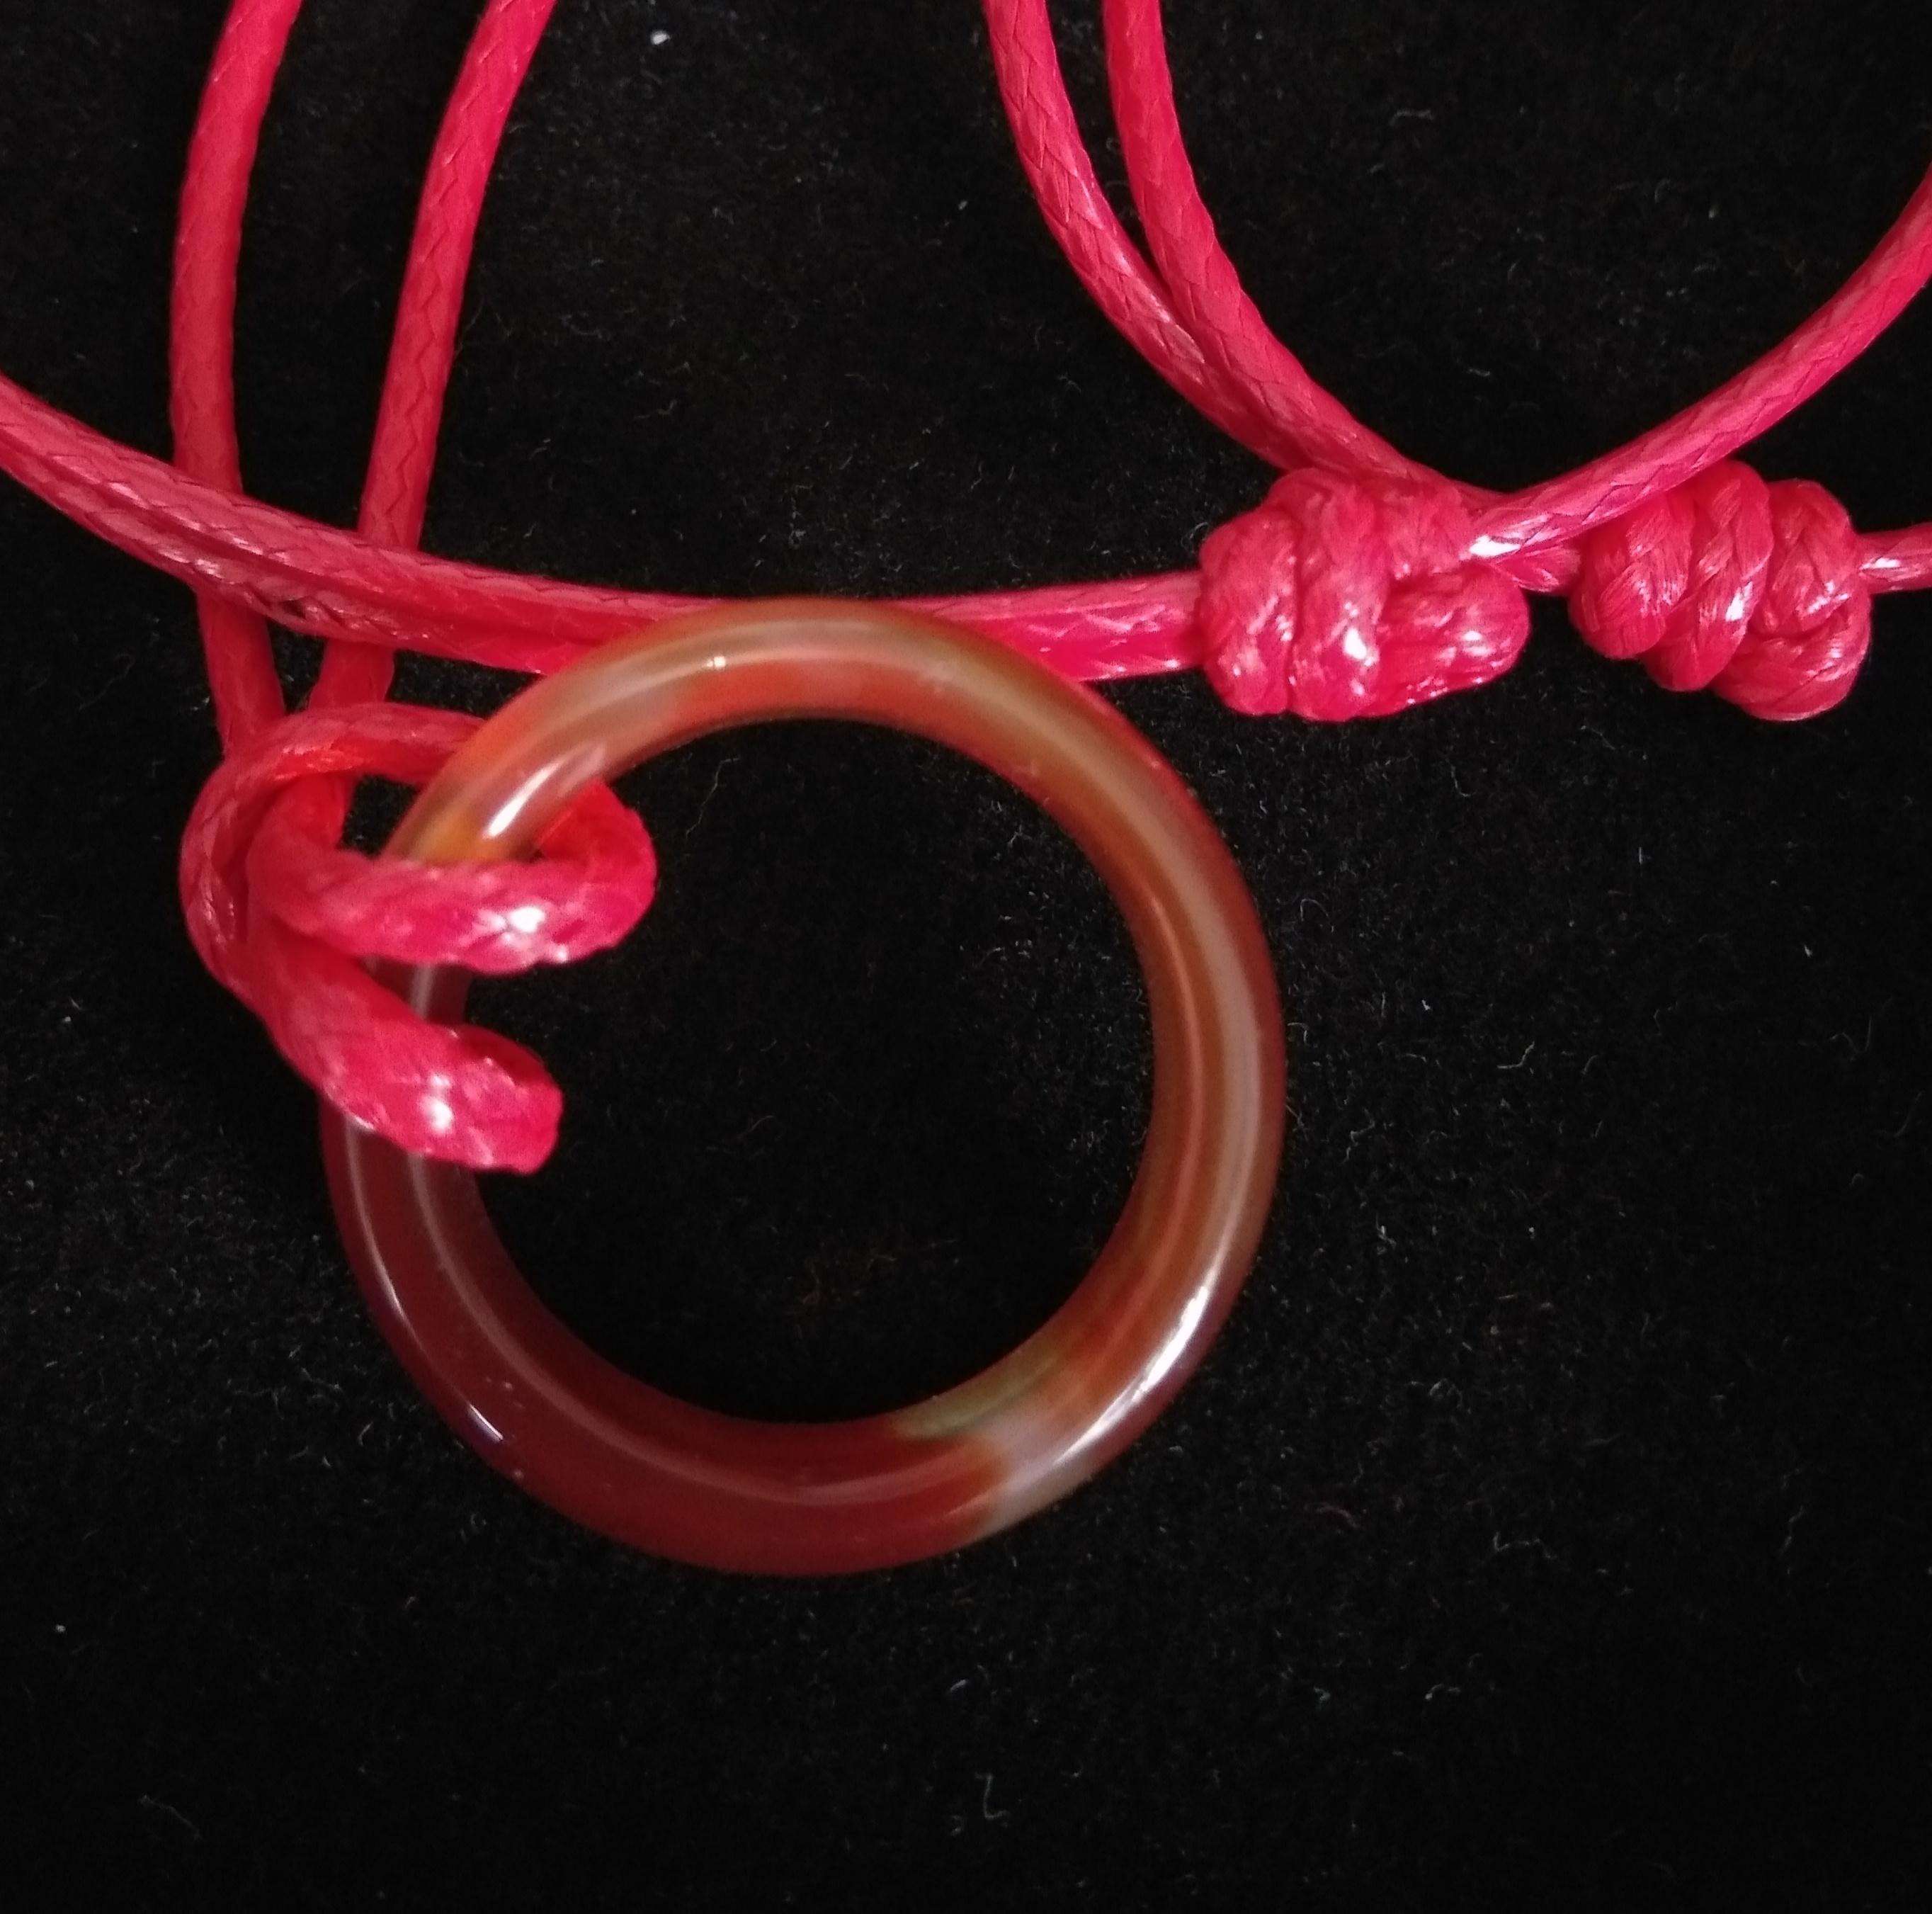 Fa Kalung Batu Raffles Model Cincin Tali Semi Kulit Merah By Fanny Aksesoris.